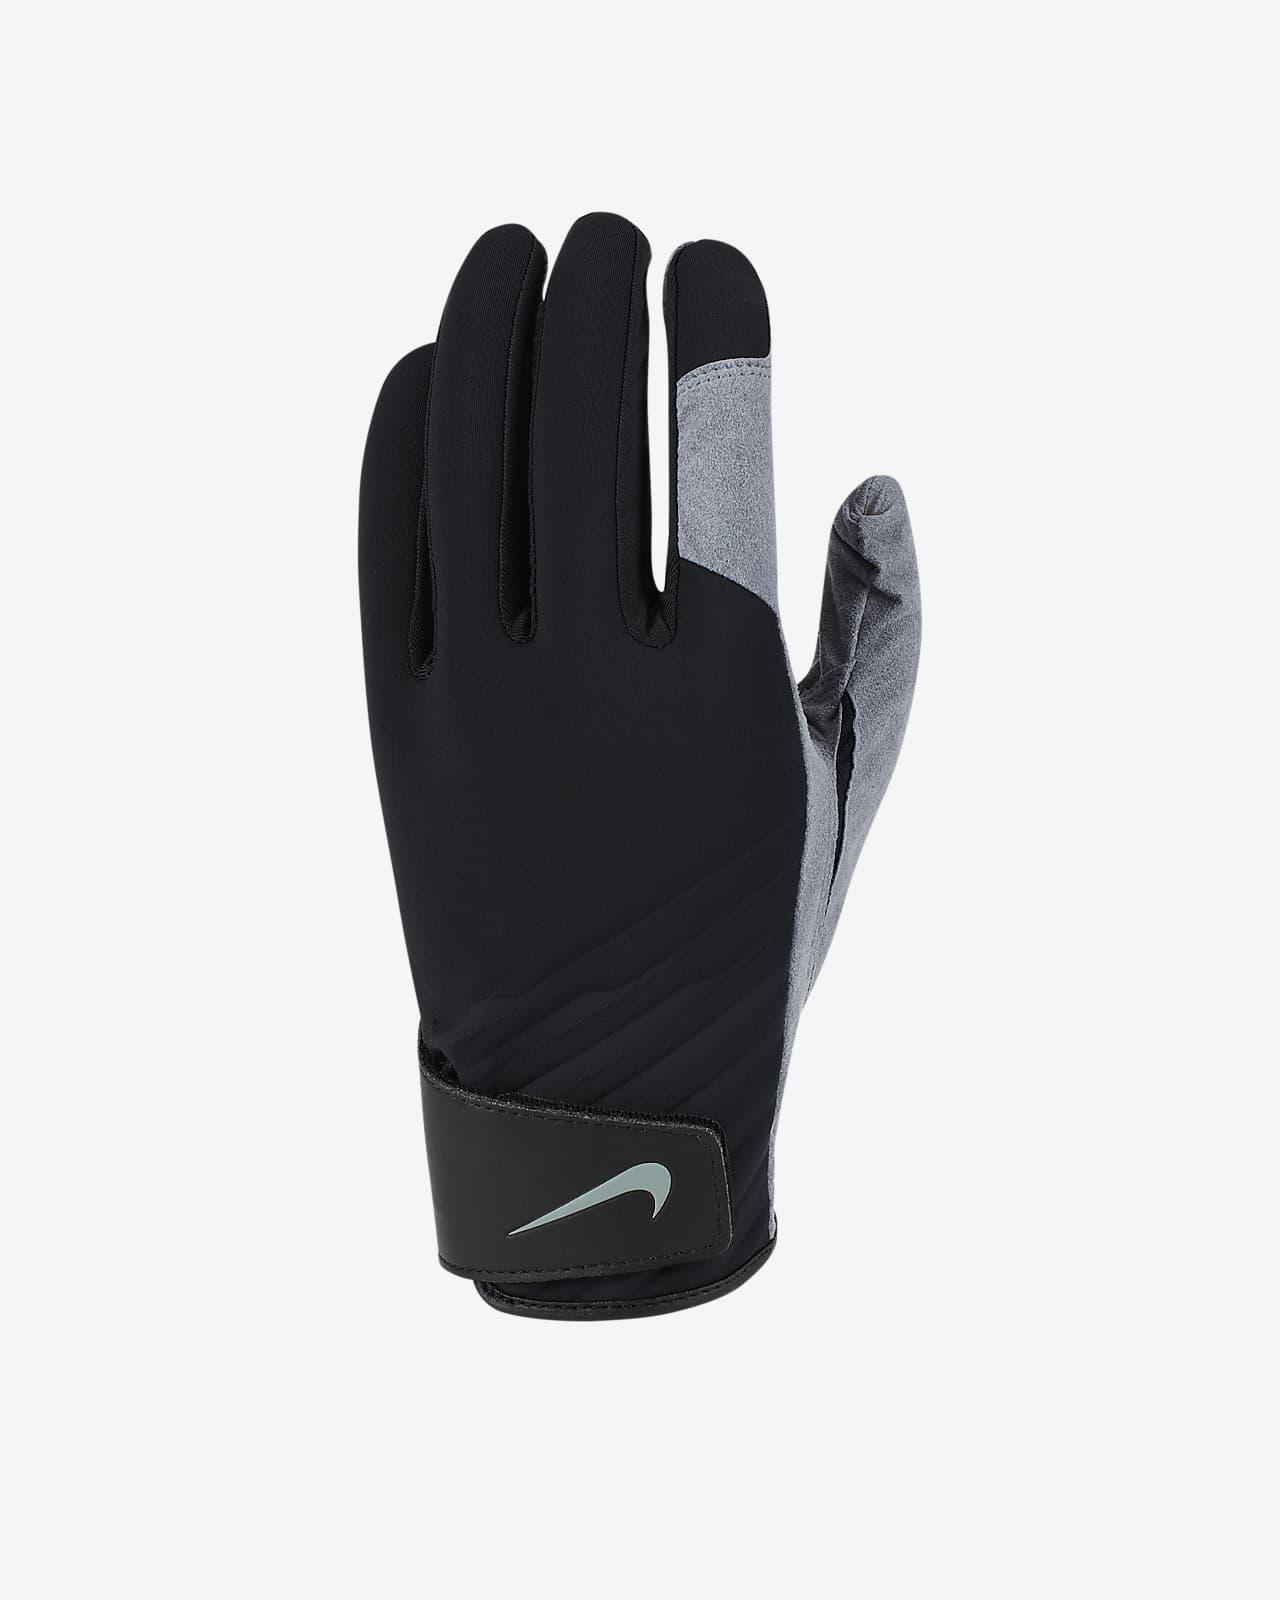 Nike Golf Gloves